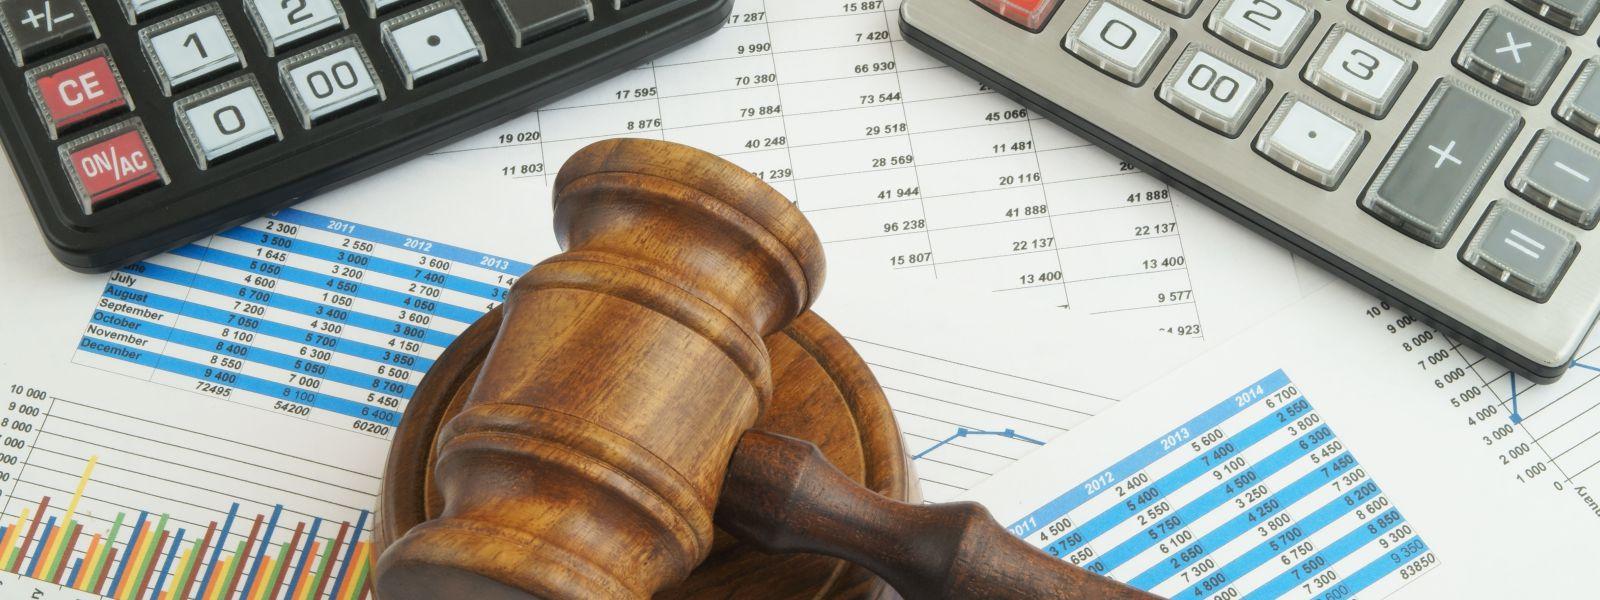 Resultado de imagem para direito tributaria